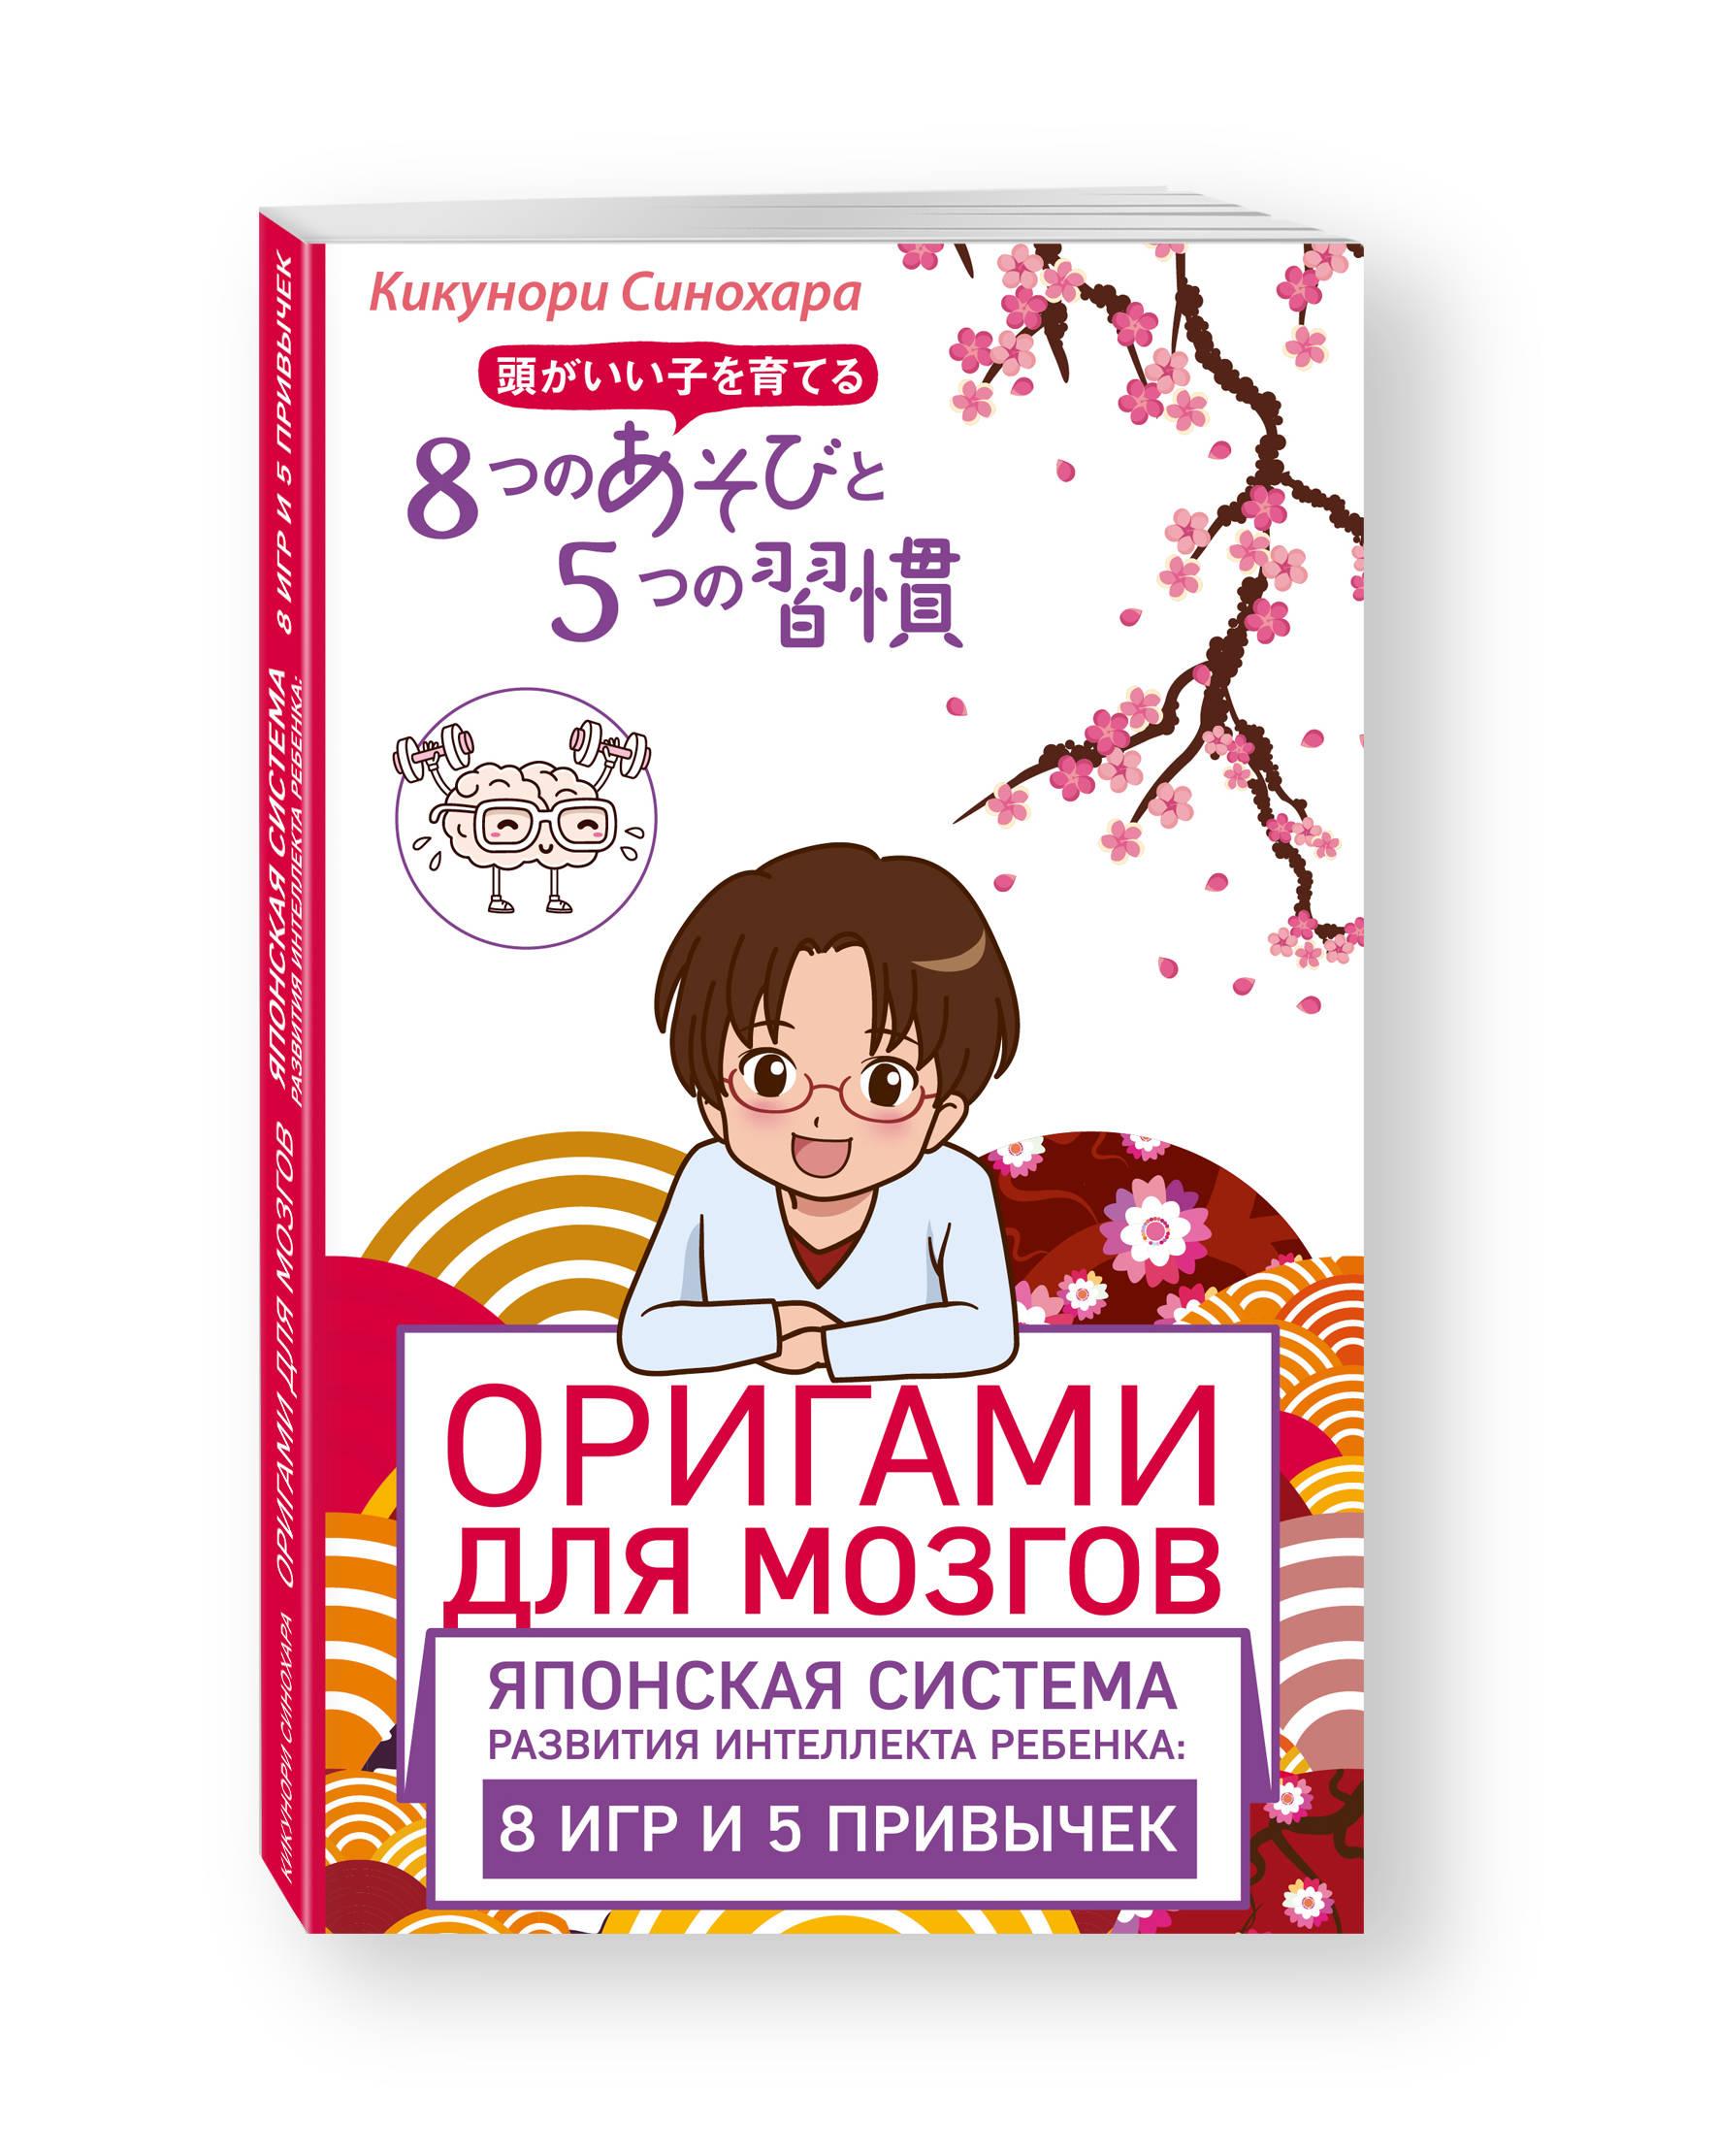 цена на Синохара Кикунори Оригами для мозгов. Японская система развития интеллекта ребенка: 8 игр и 5 привычек